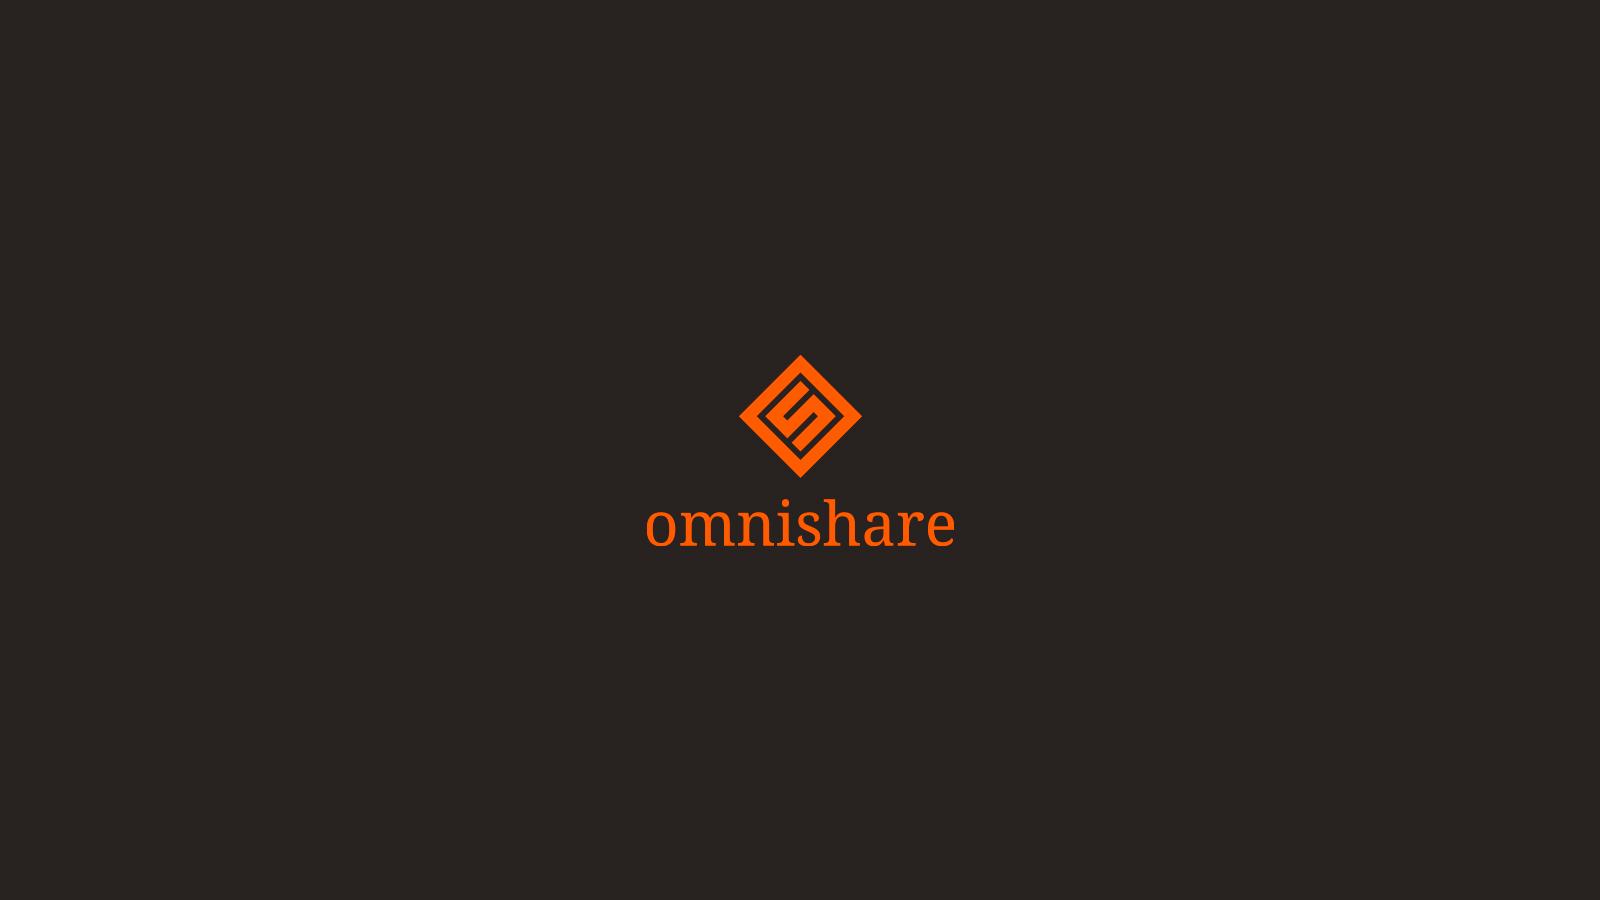 omnishare 4.jpg